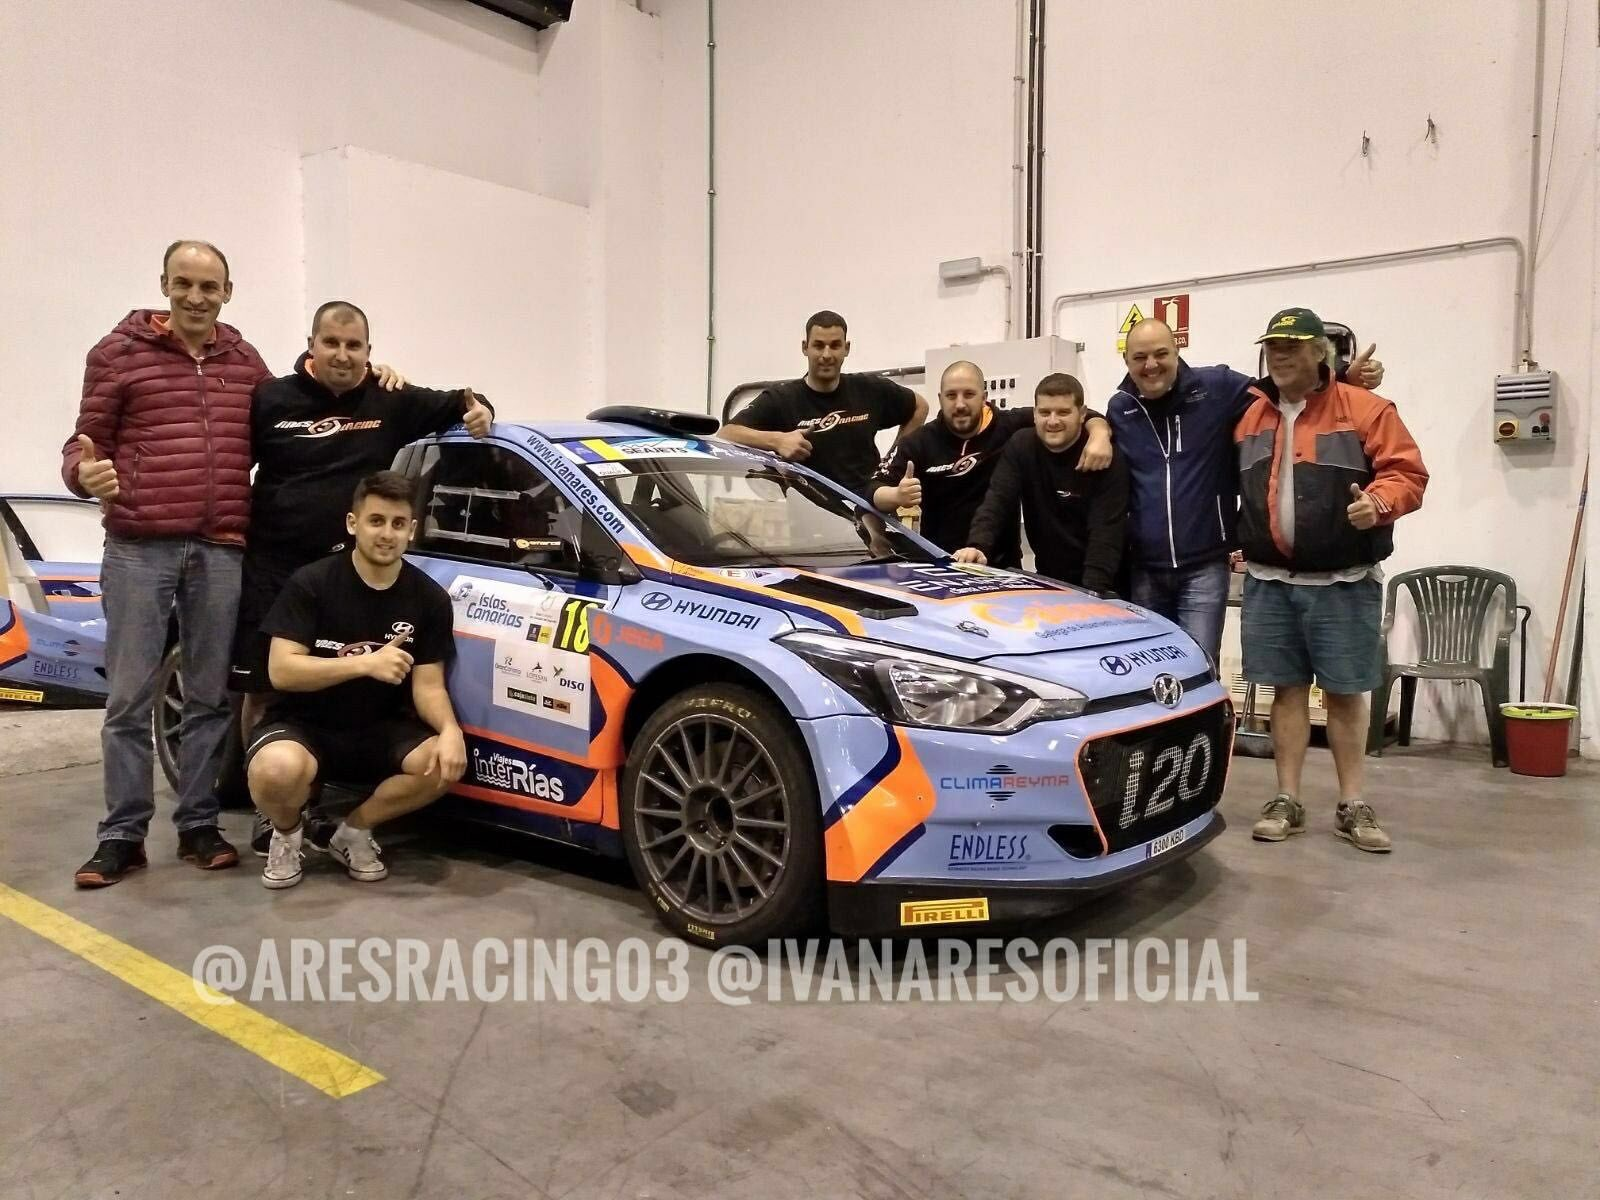 ERC + CERA: 42º Rallye Islas Canarias [3-5 Mayo] - Página 2 DcLWrp0X4AAmXhK